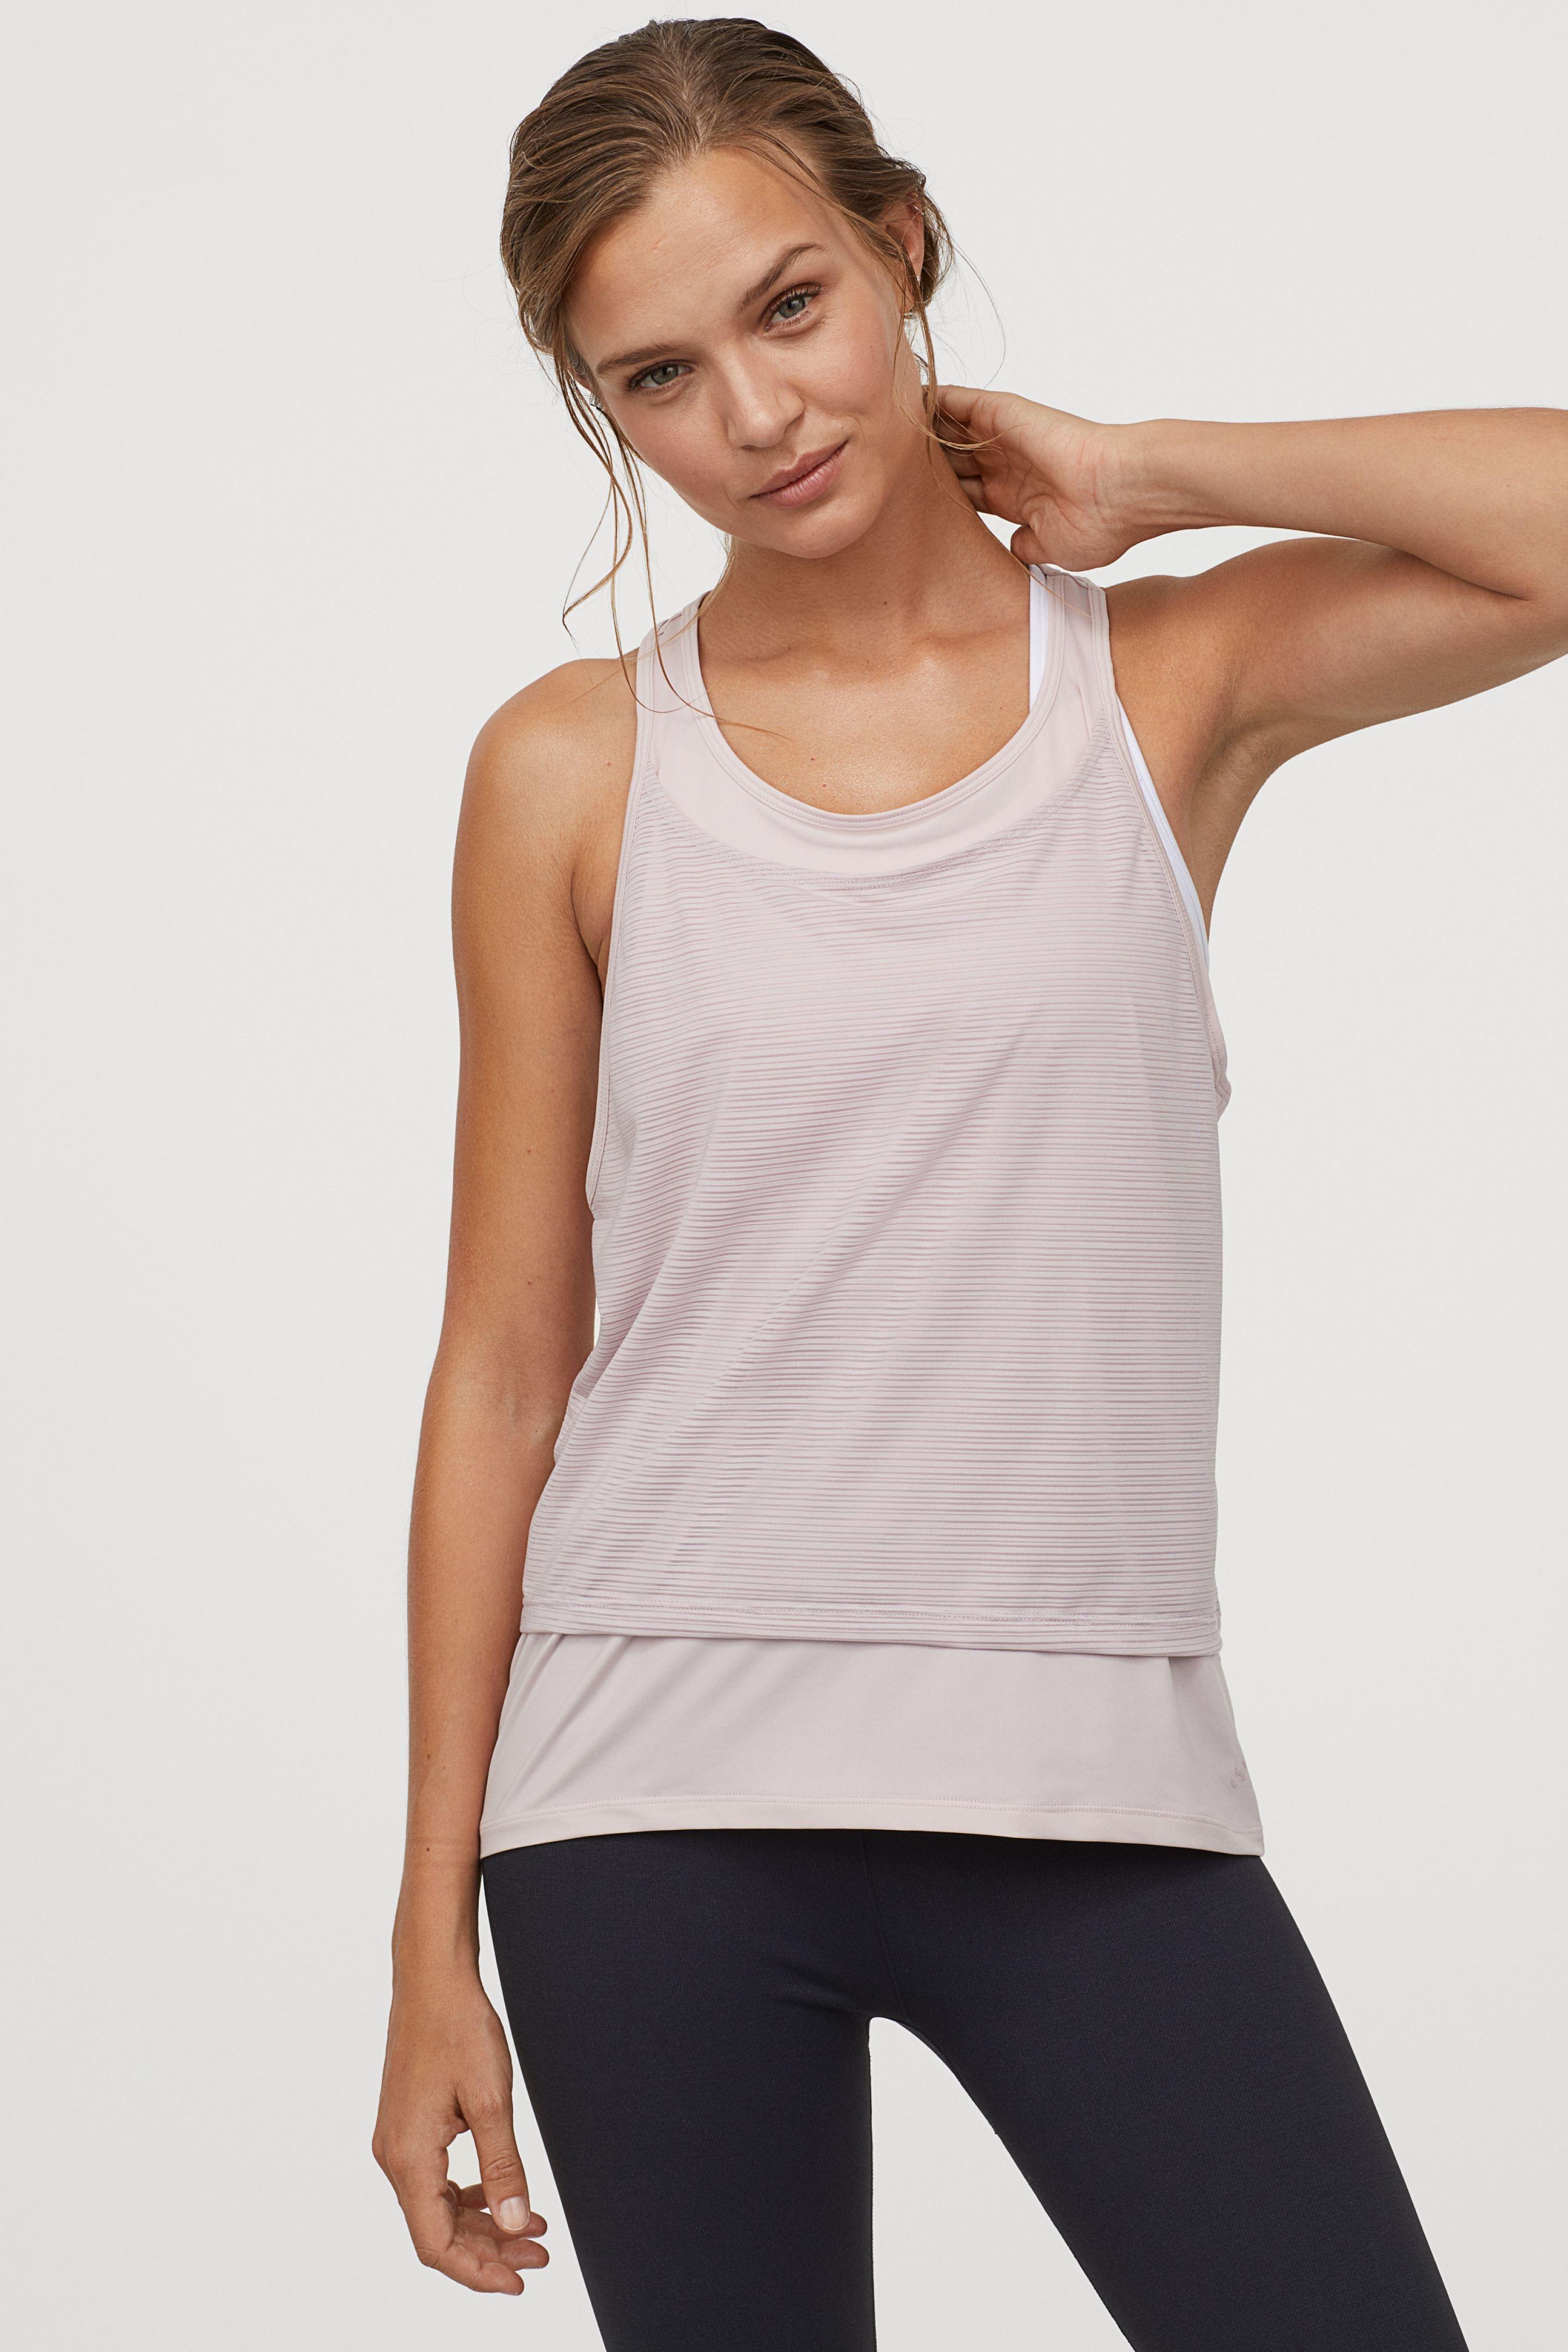 Áo ba lỗ thể thao H&M 2 lớp phù hợp cho tập Yoga